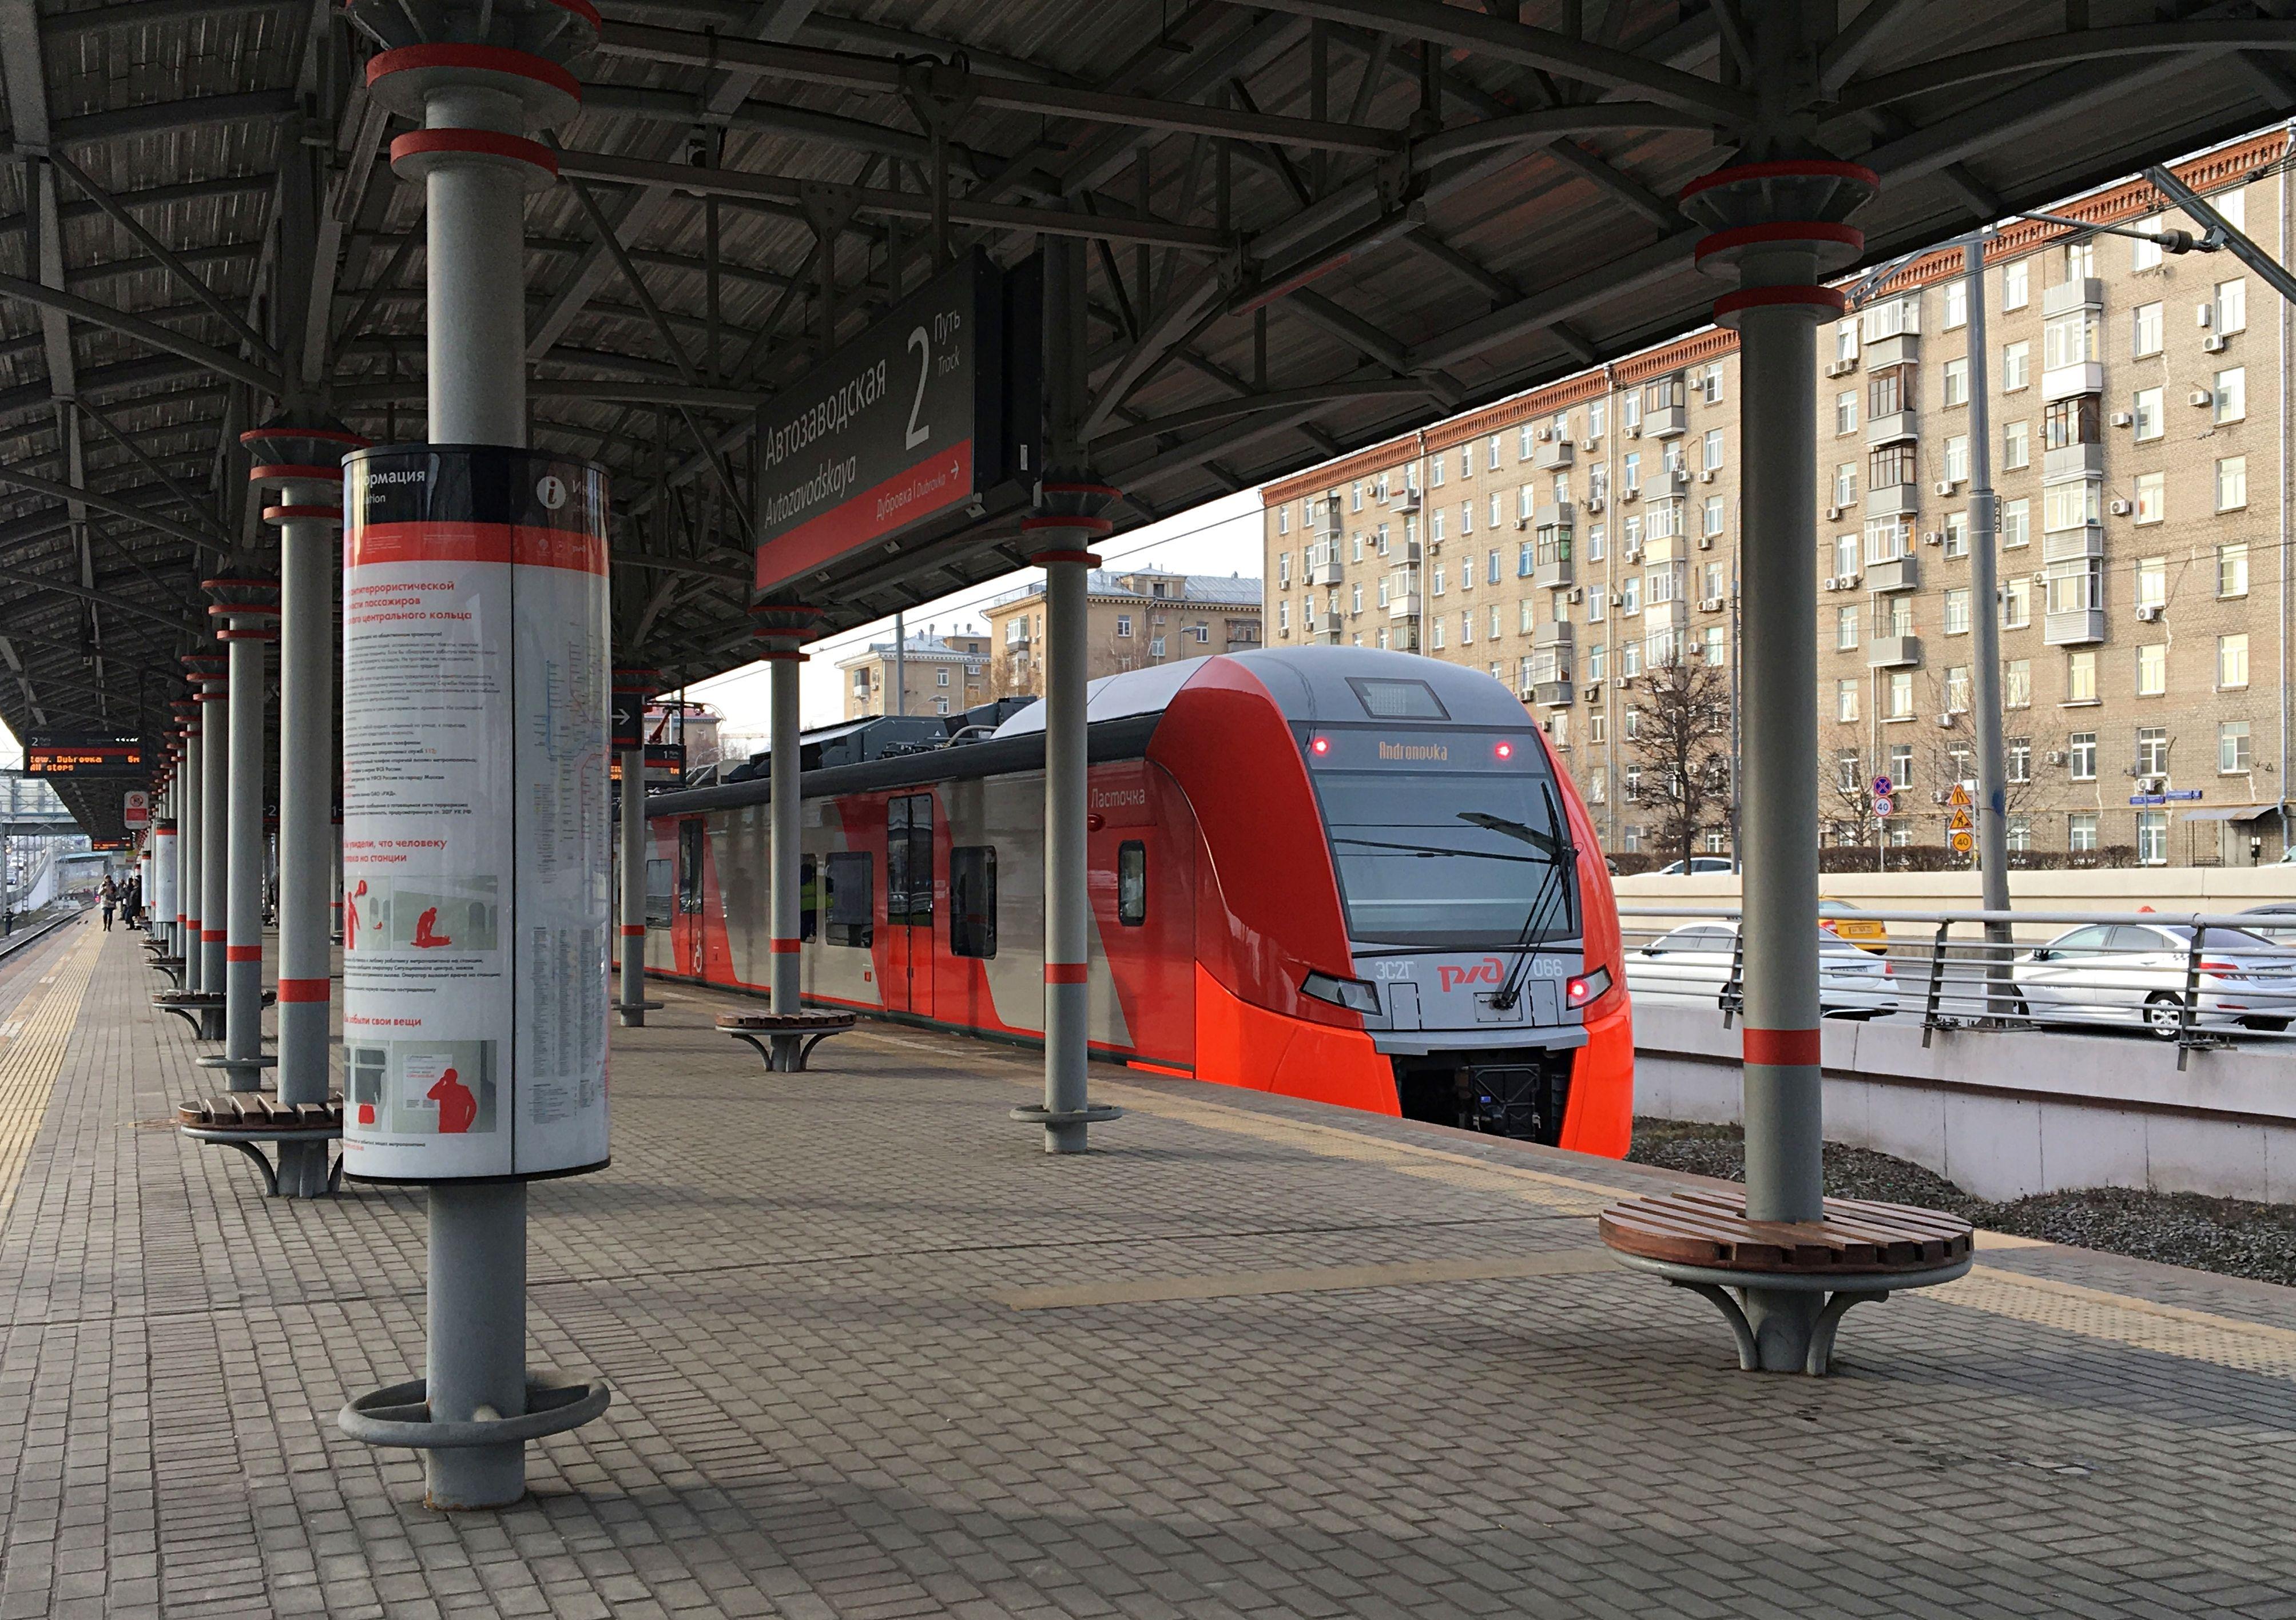 Автоматические санитайзеры появятся на станциях МЦК и метро